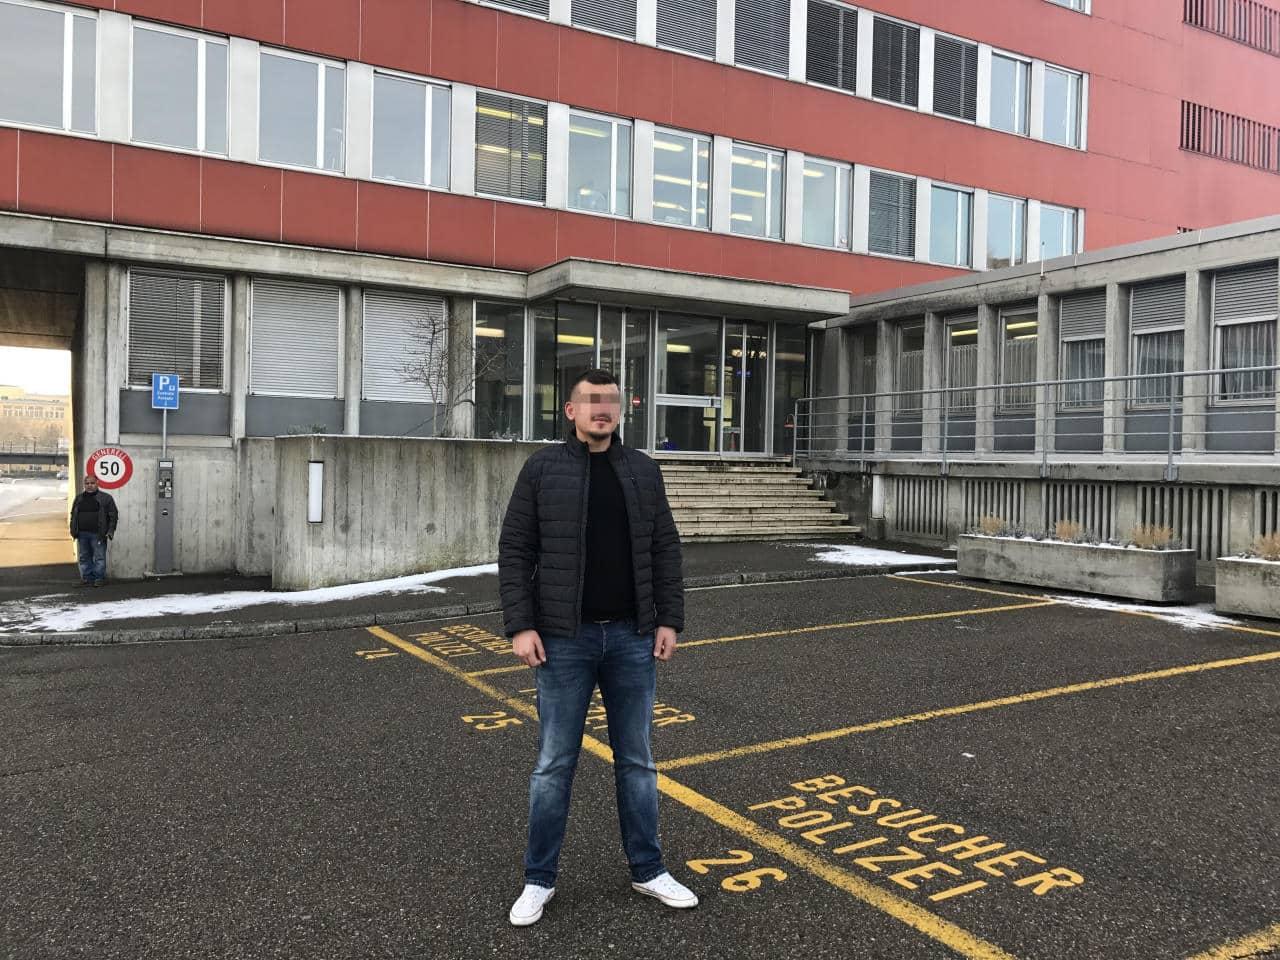 Suisse une amende infligée à un jeune pour avoir dit Allahu Akbar